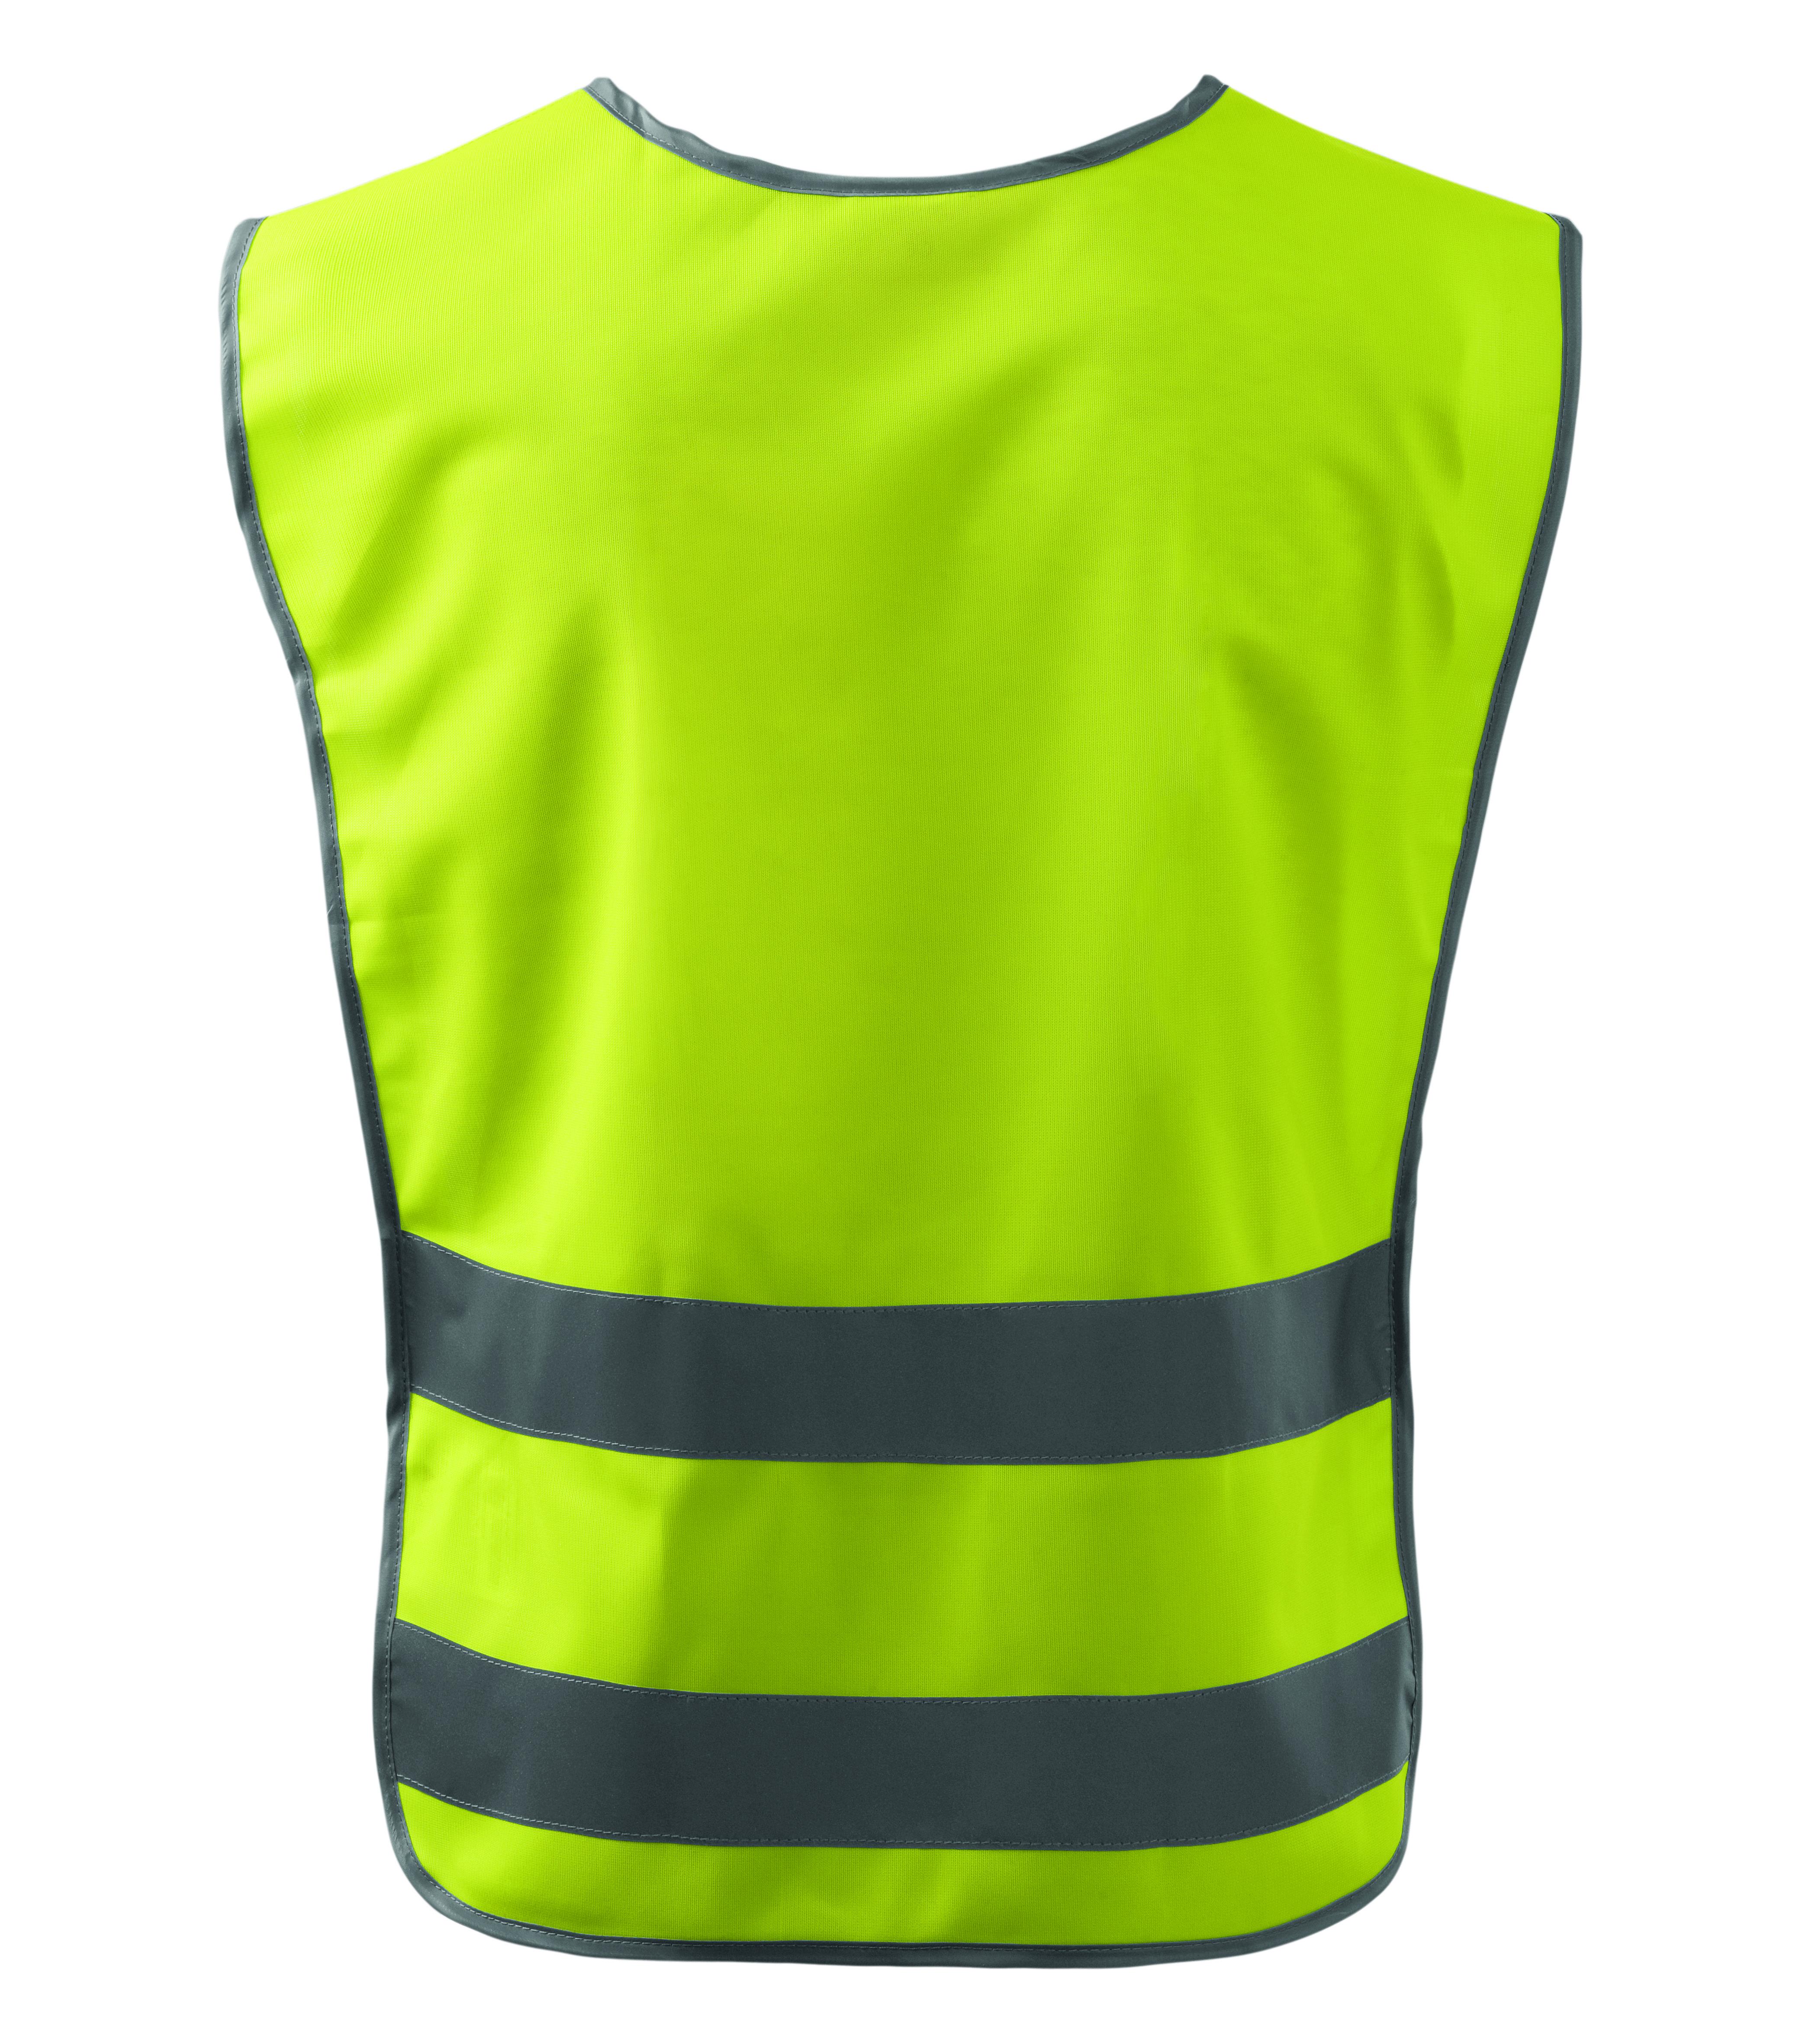 Żółta kamizelka odblaskowa Classic Safety Vest - tył